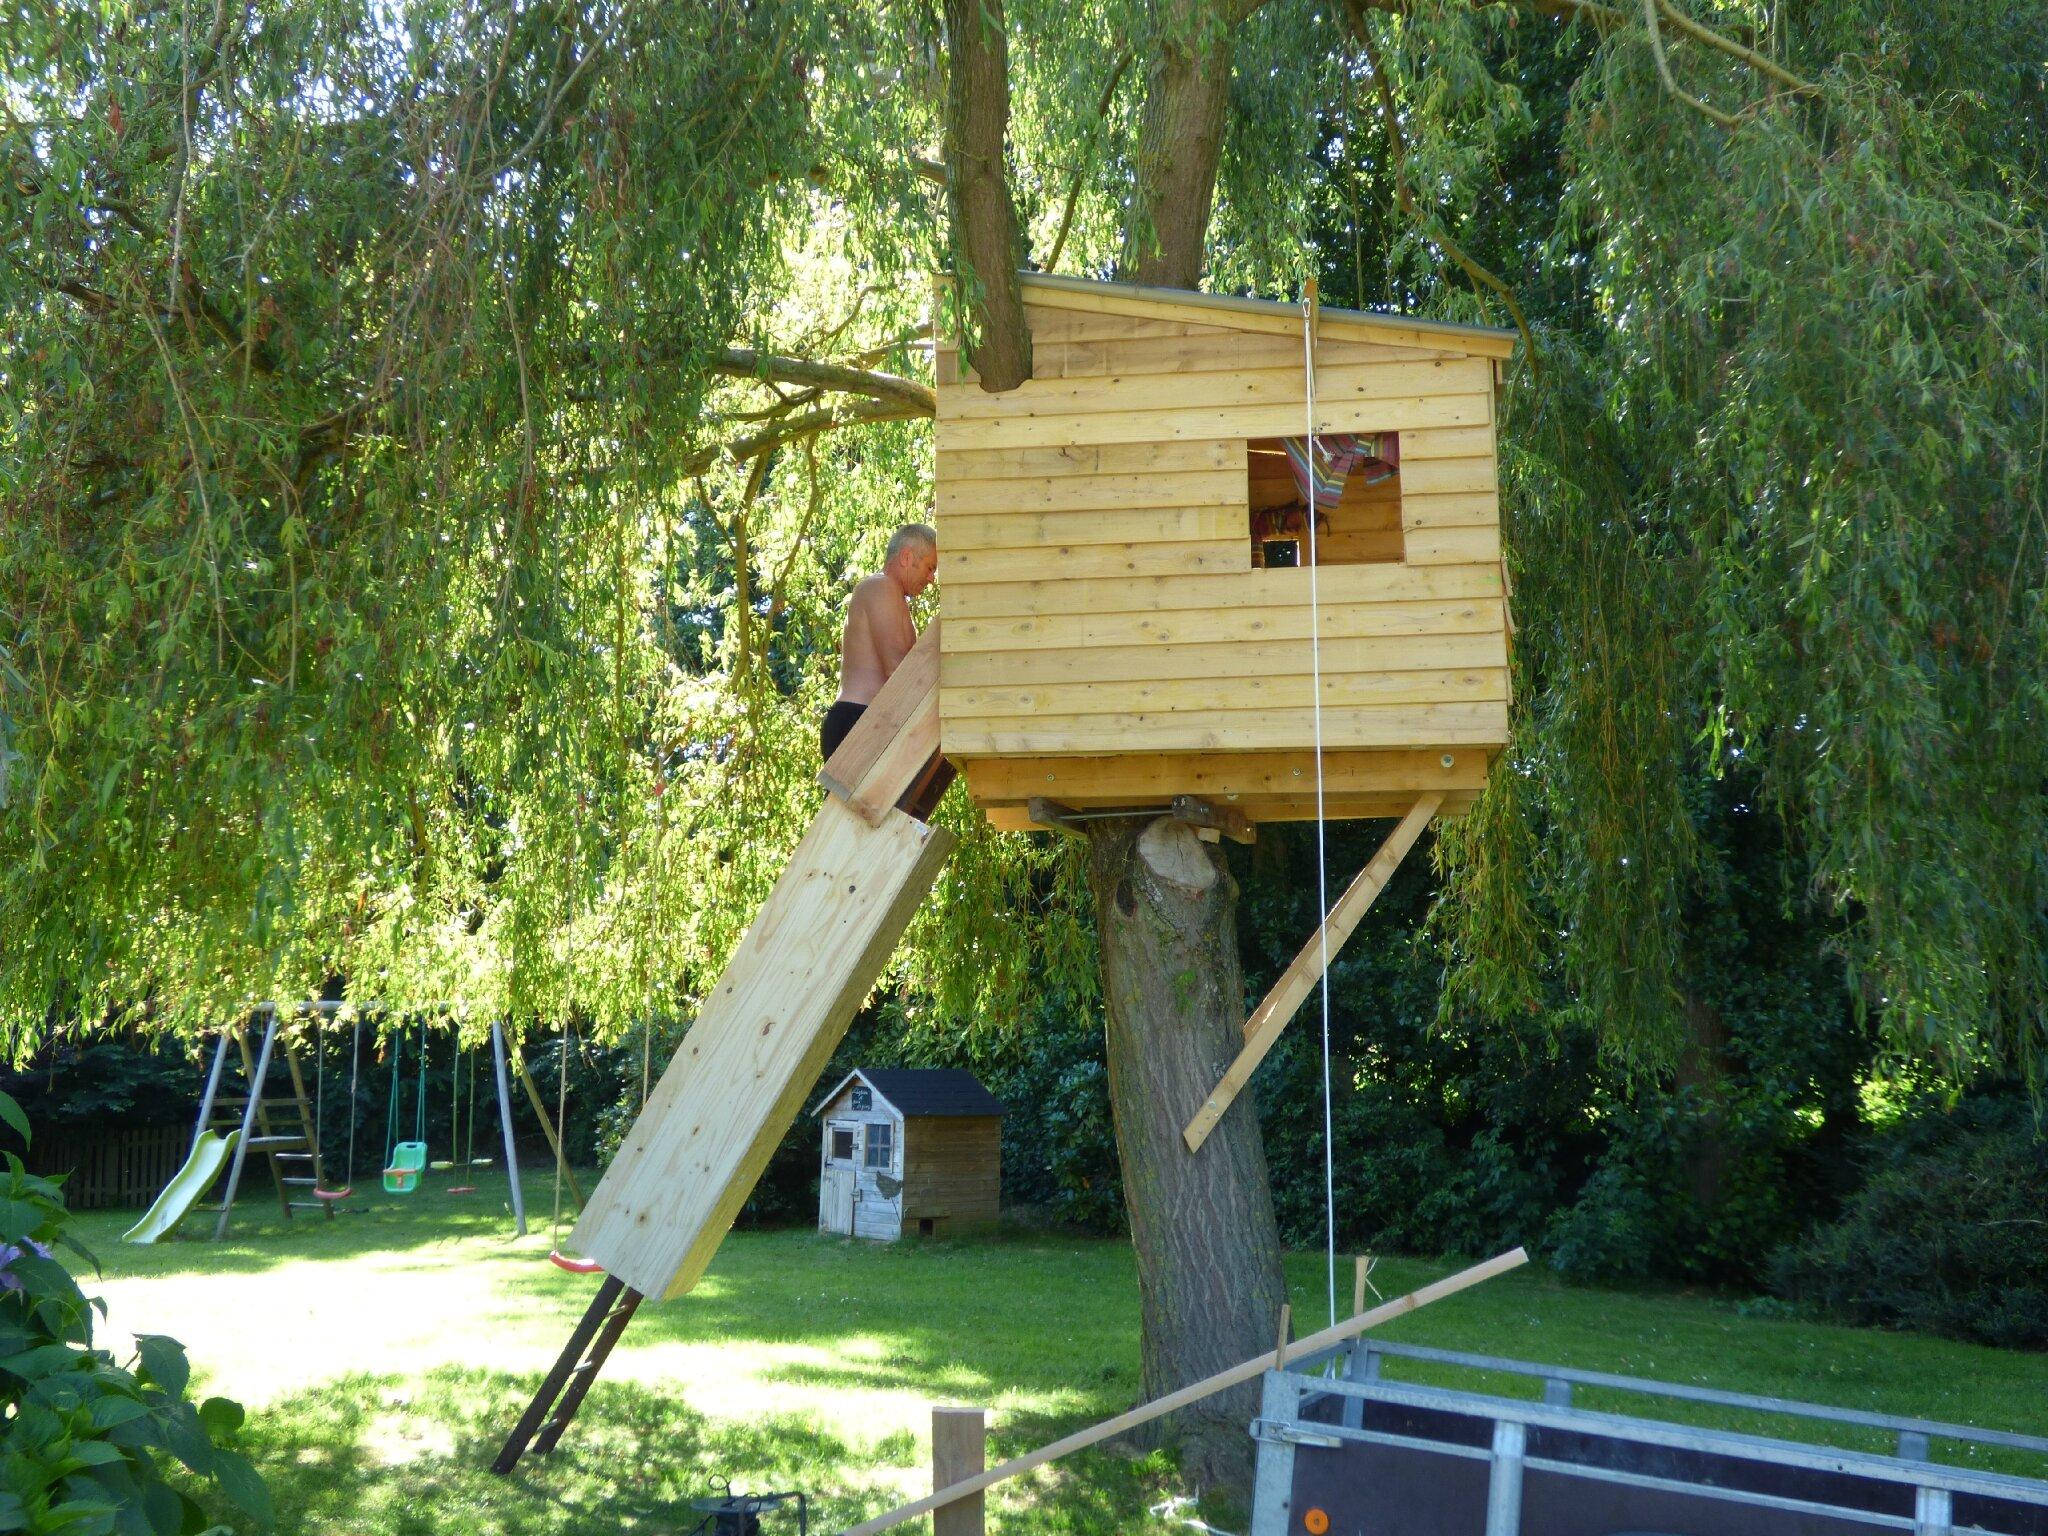 cr ation d 39 une cabane dans l 39 arbre et installation de petits panneaux p dagogiques sympa g te. Black Bedroom Furniture Sets. Home Design Ideas